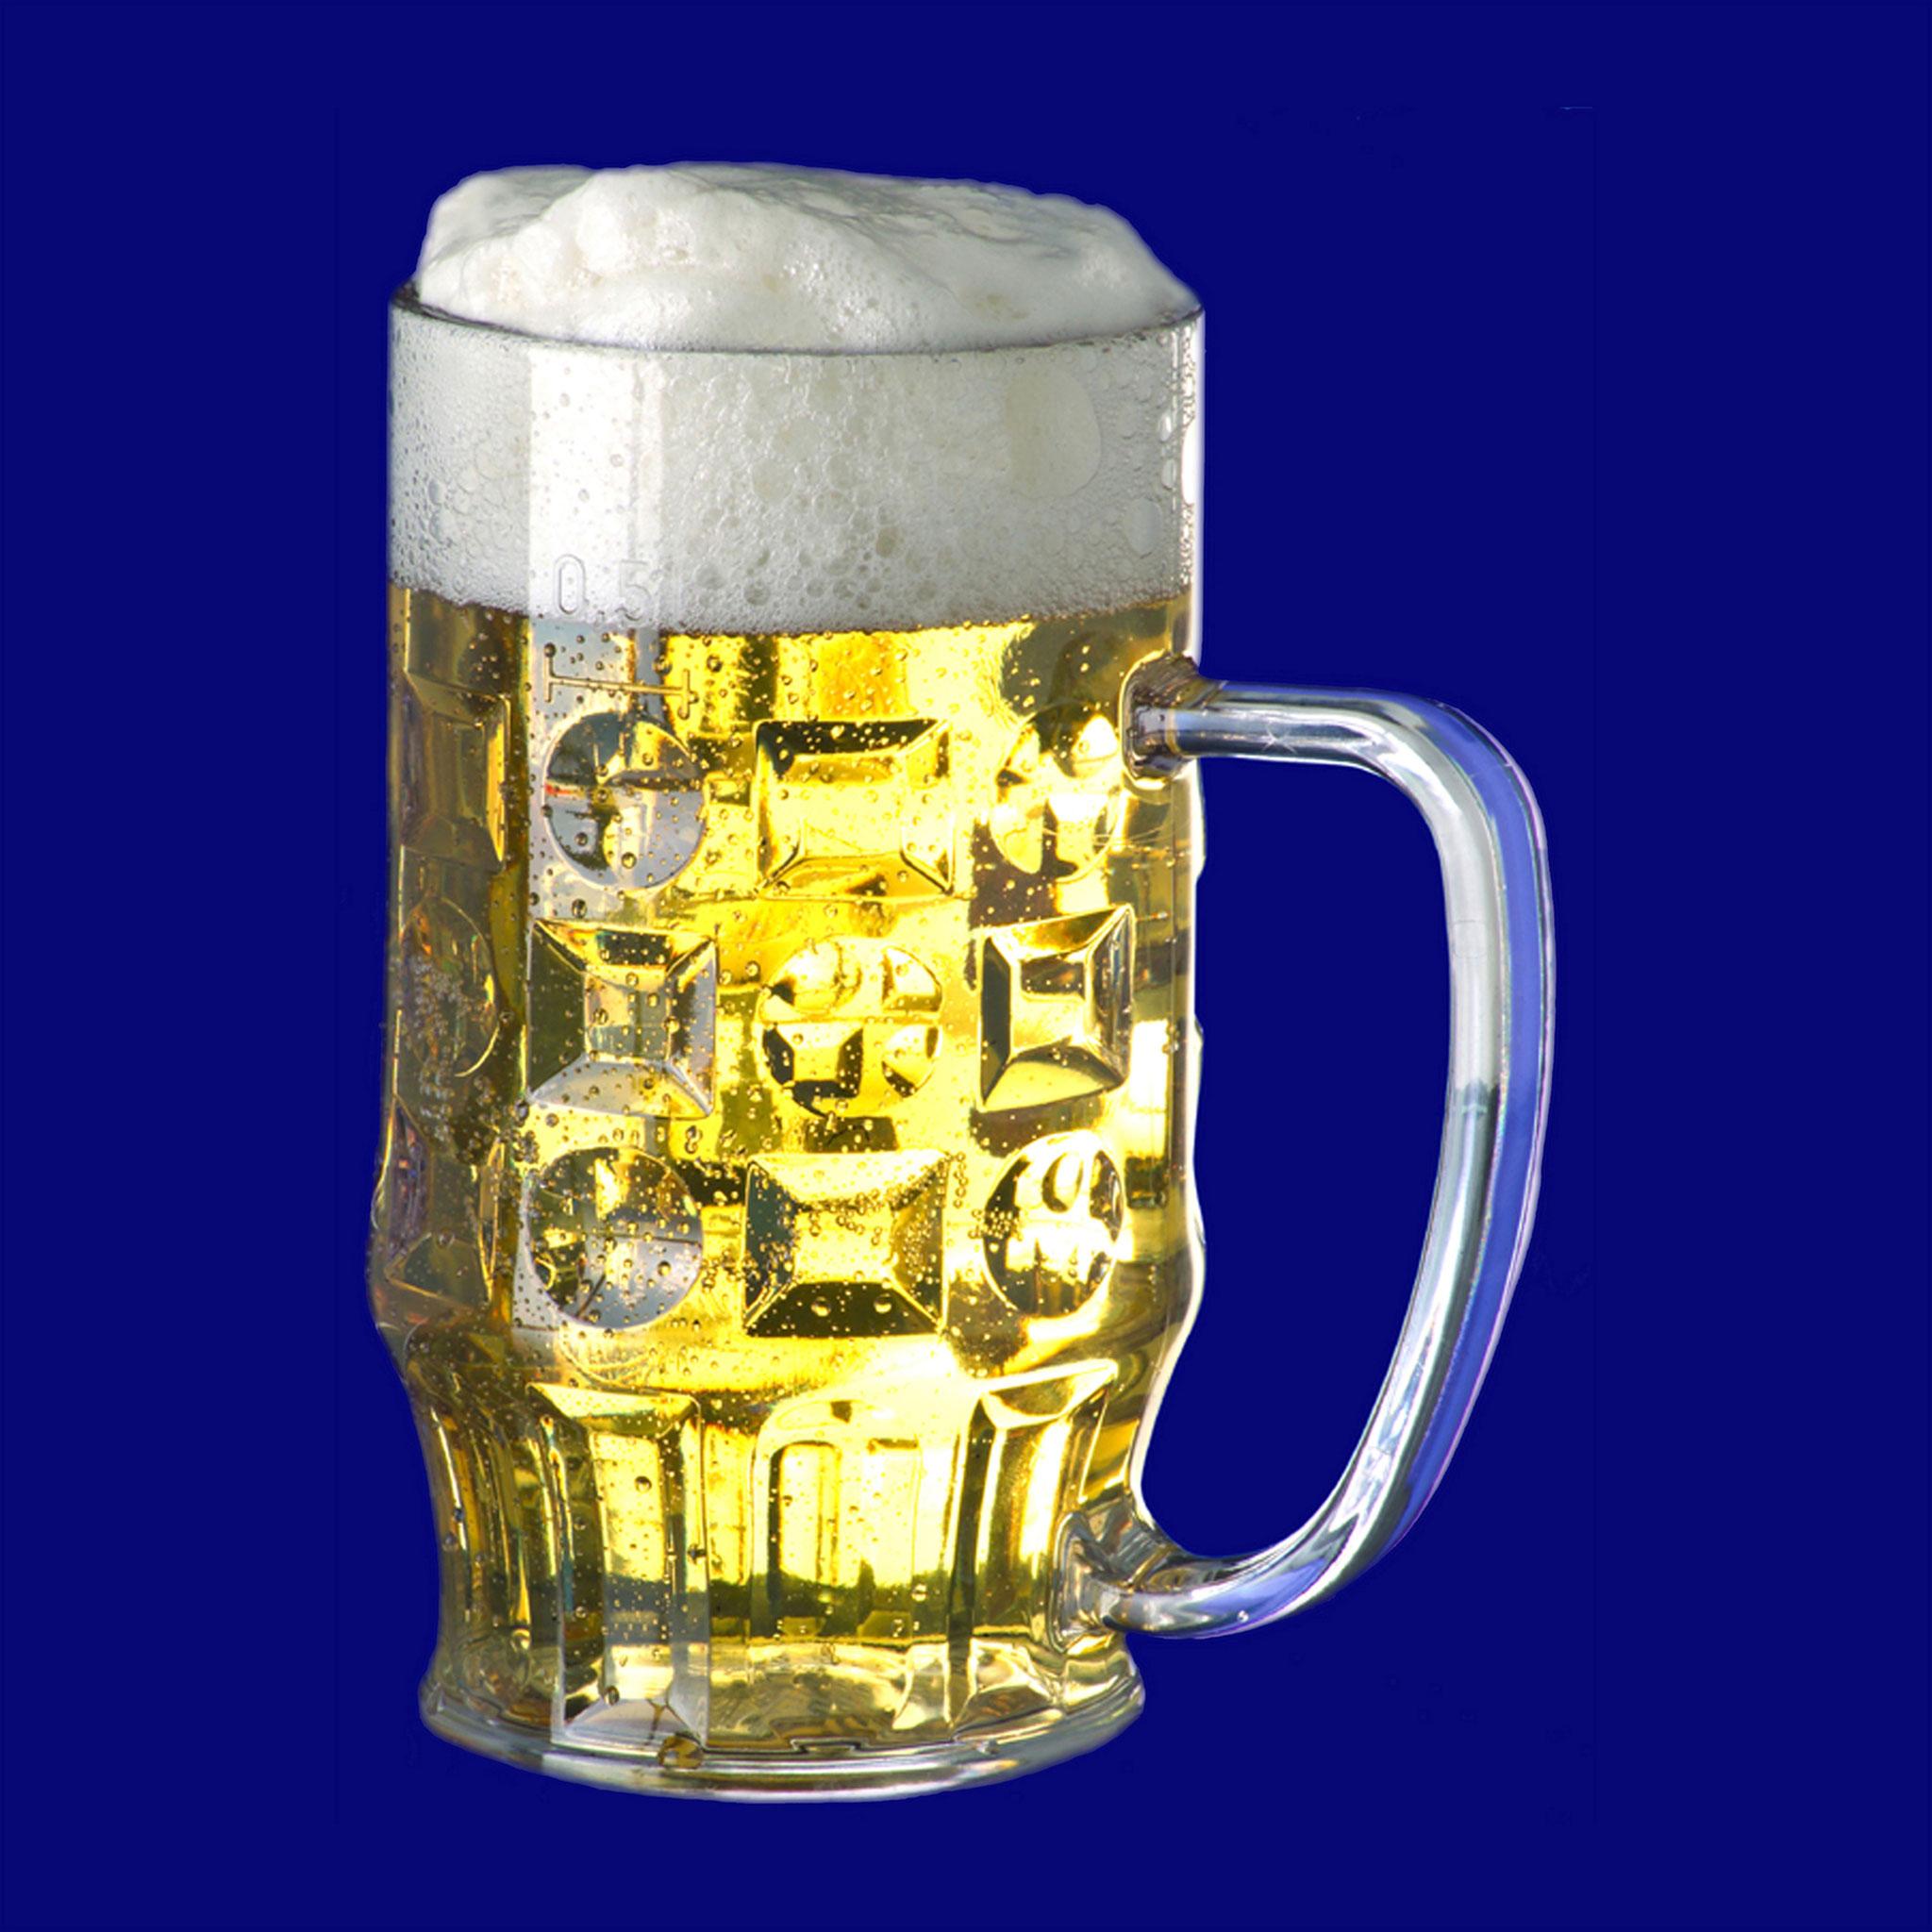 Bierkrug 0.4 oder 0.5l